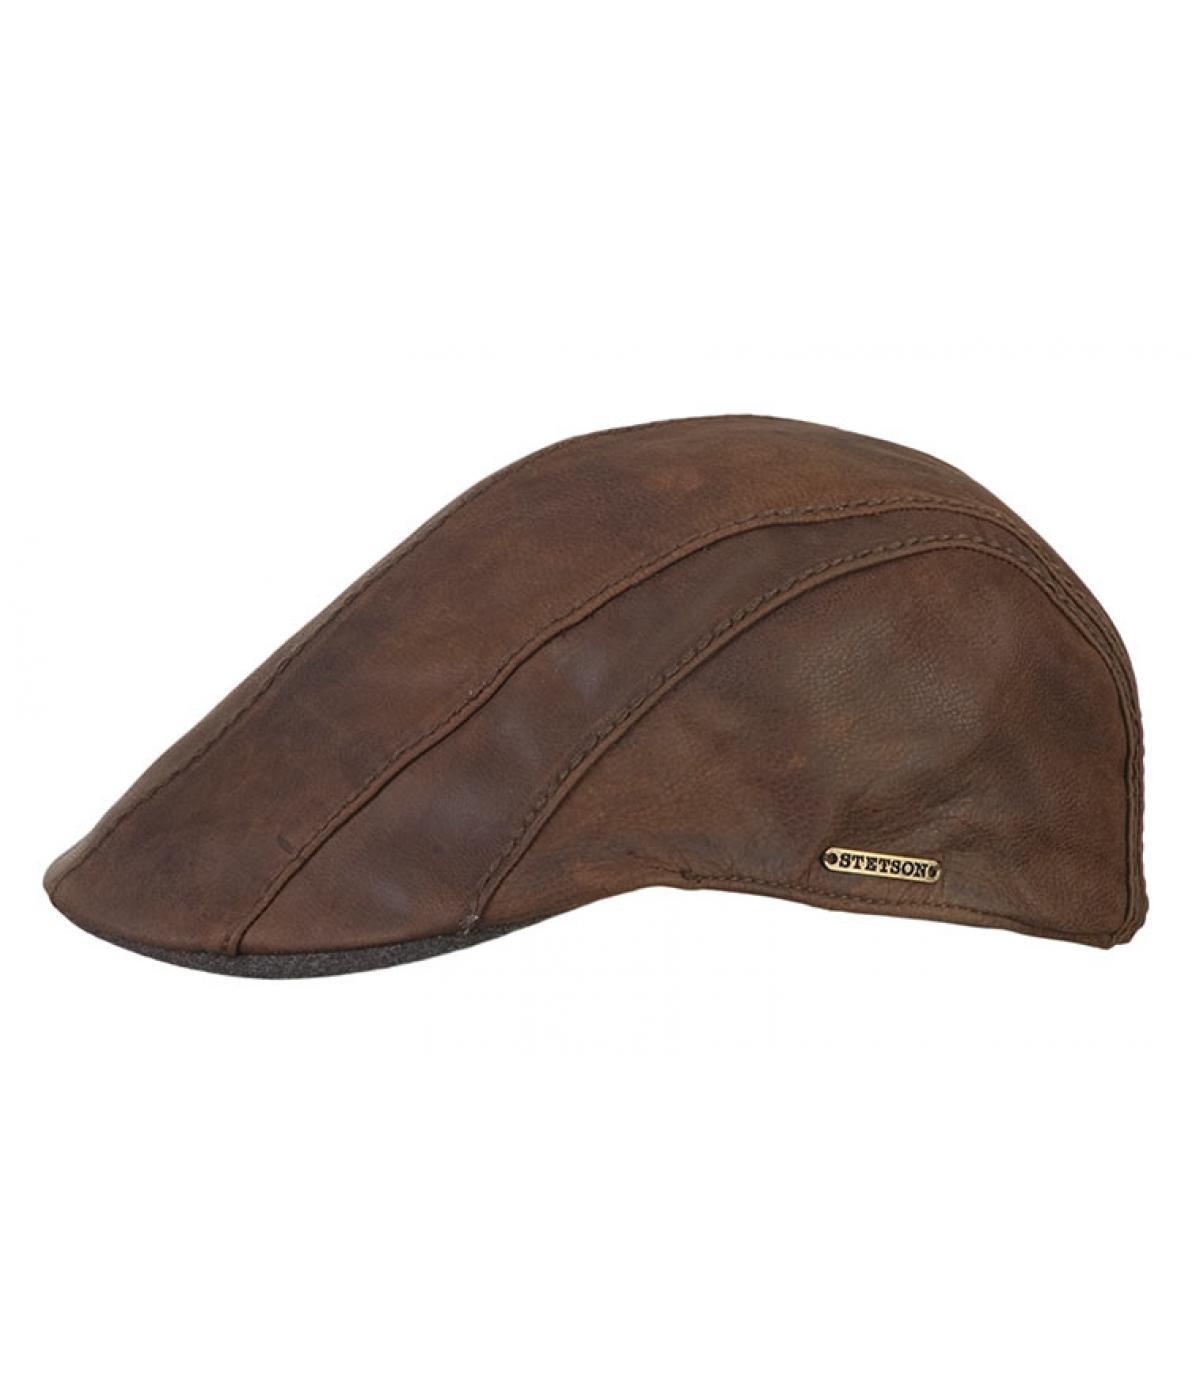 de160f7d9a0 Gorro marron - Compra venta de Gorros marrones. Primera sombrerería ...